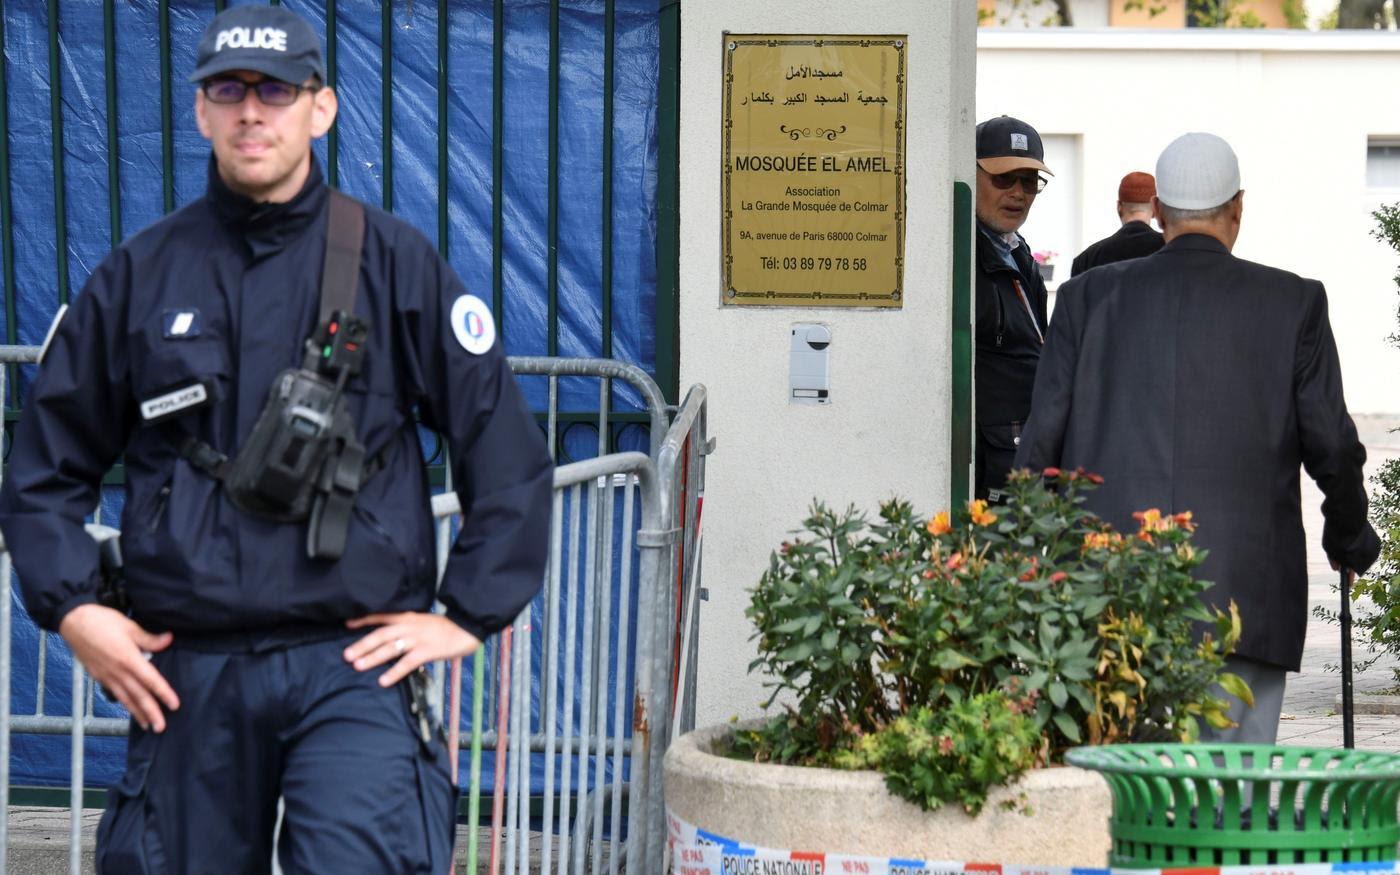 Des fidèles arrivent à la grande mosquée de Colmar, dans l'est de la France, où un policier monte la garde, le 22septembre2019 (AFP)